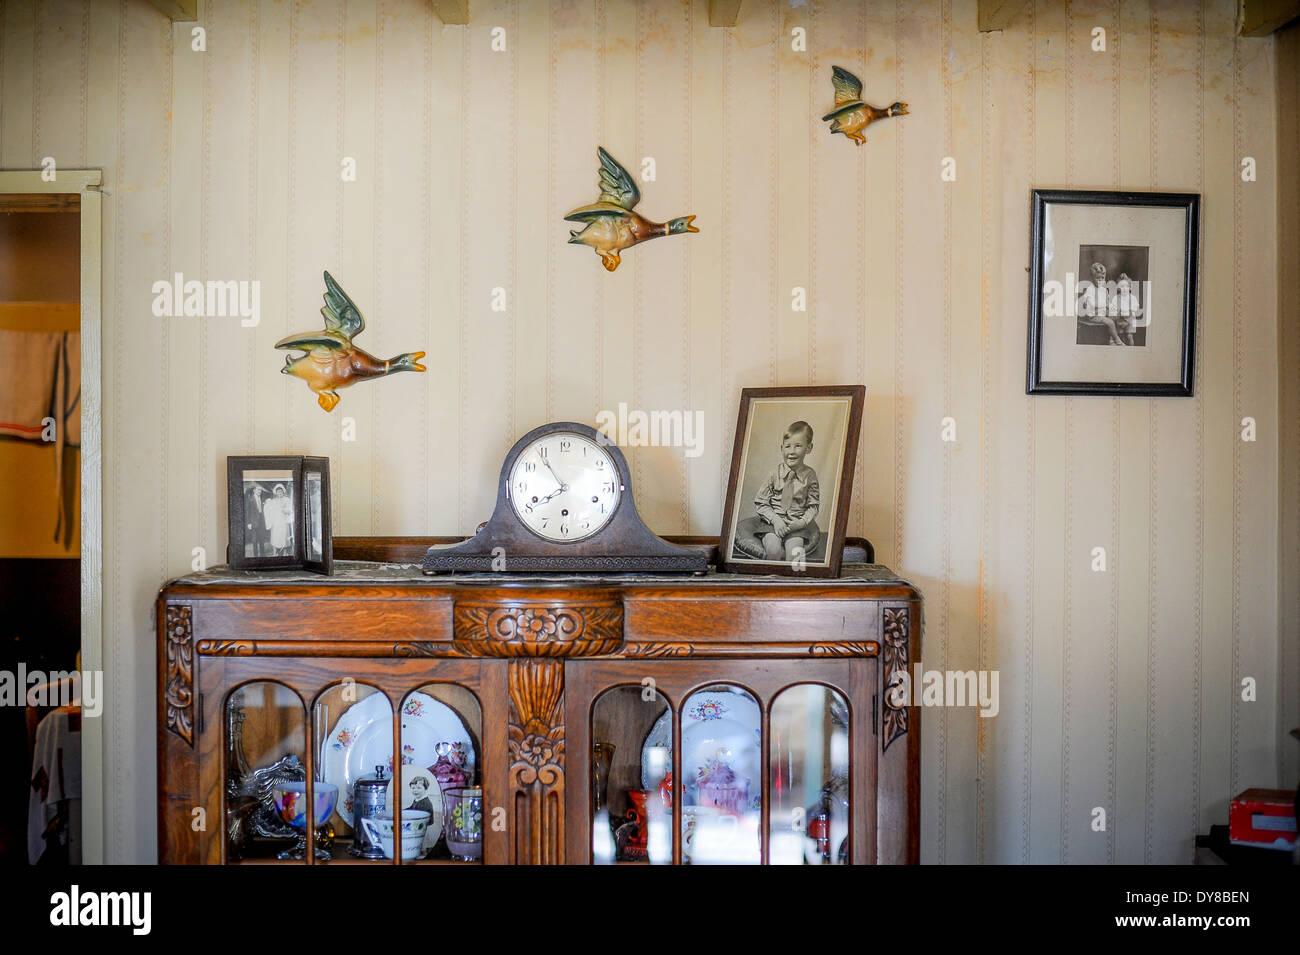 Gerahmte Bilder Wohnzimmer ~ Fliegende enten auf vintage tapete im zweiten weltkrieg wohnzimmer